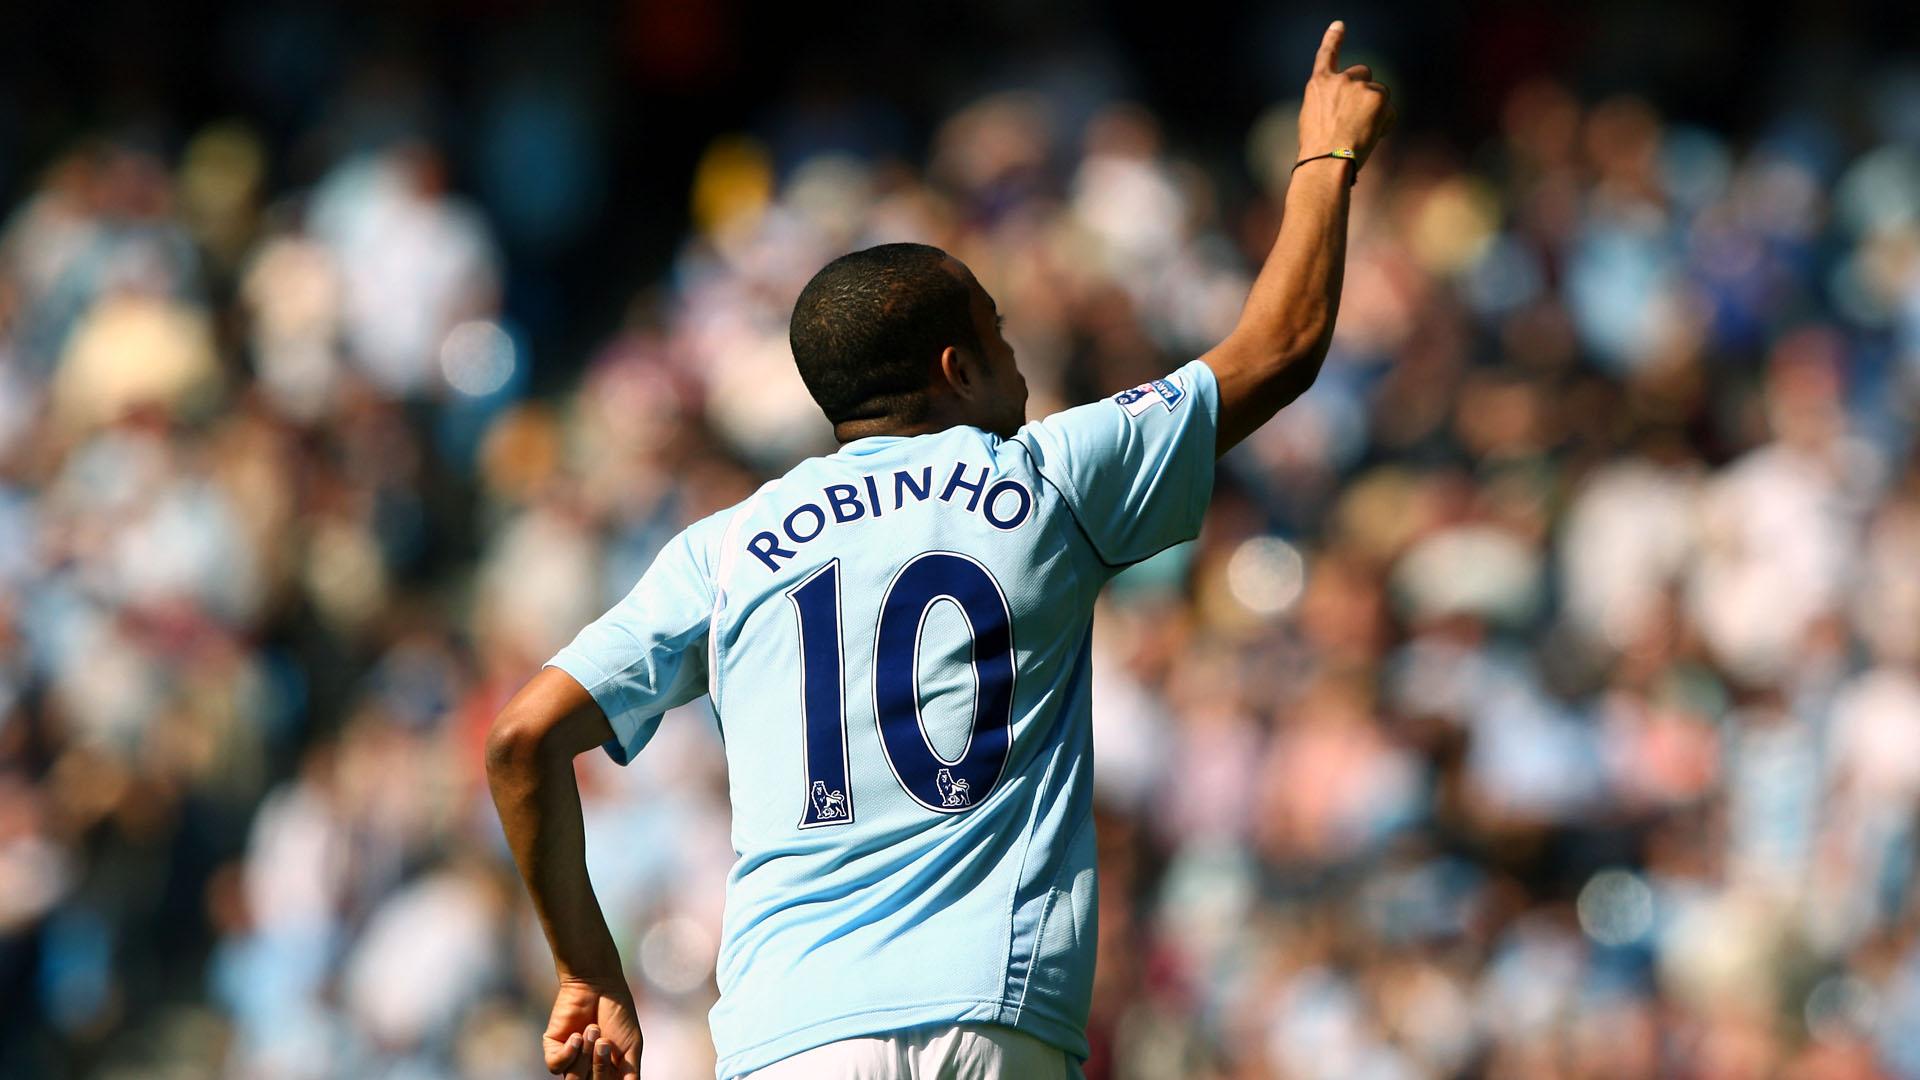 Robinho no Manchester City em 2009 (Photo by Clive Brunskill/Getty Images)